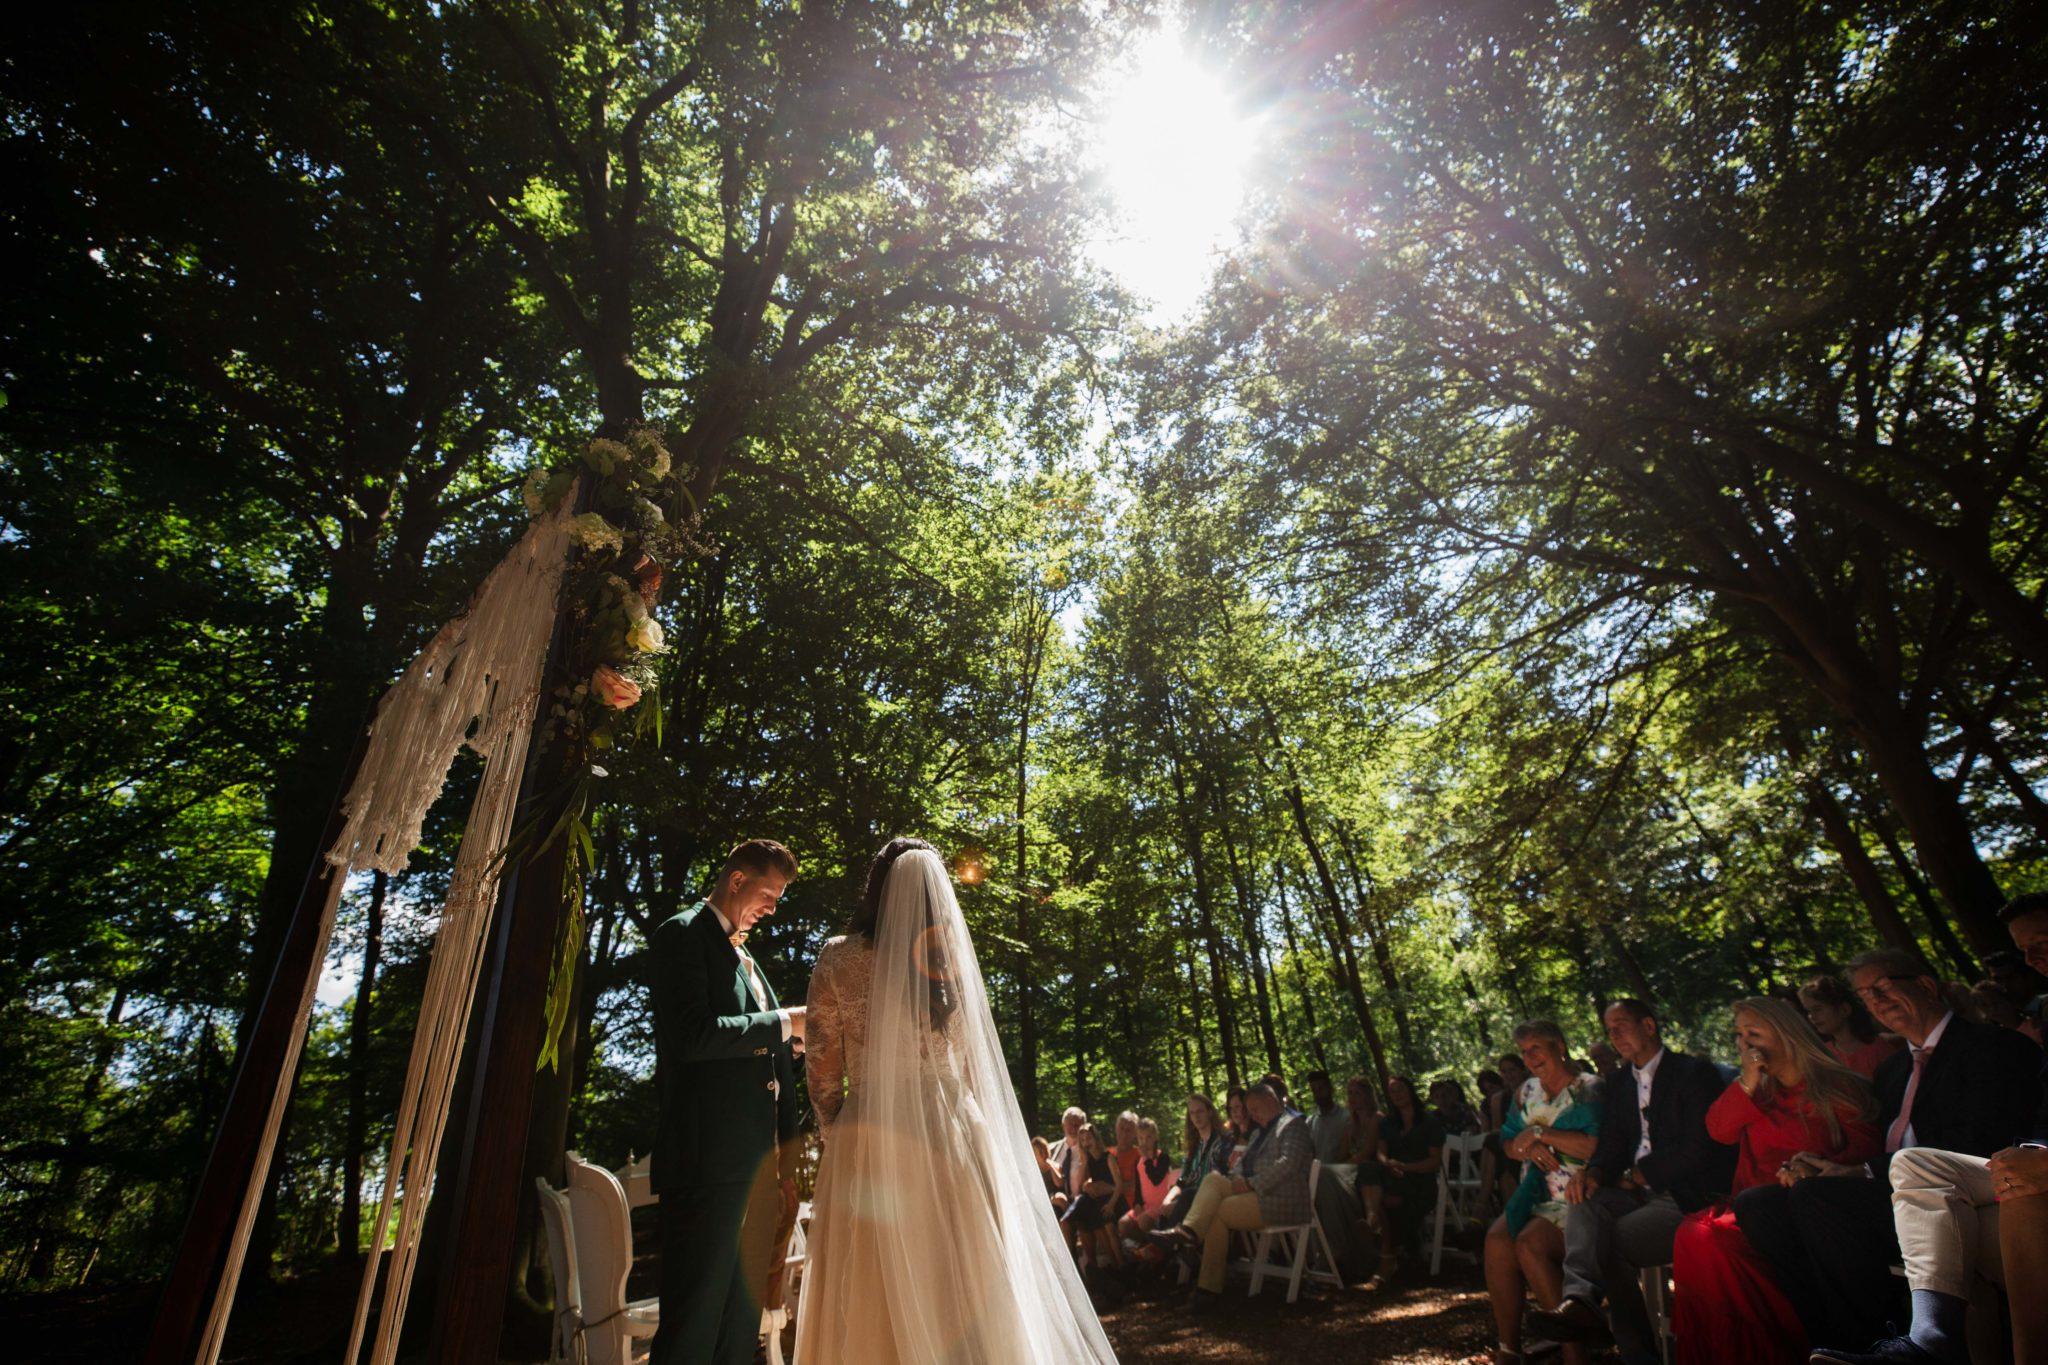 Bruidspaar geeft elkaar de ringen tijdens Bruiloft in het bos van Leusden